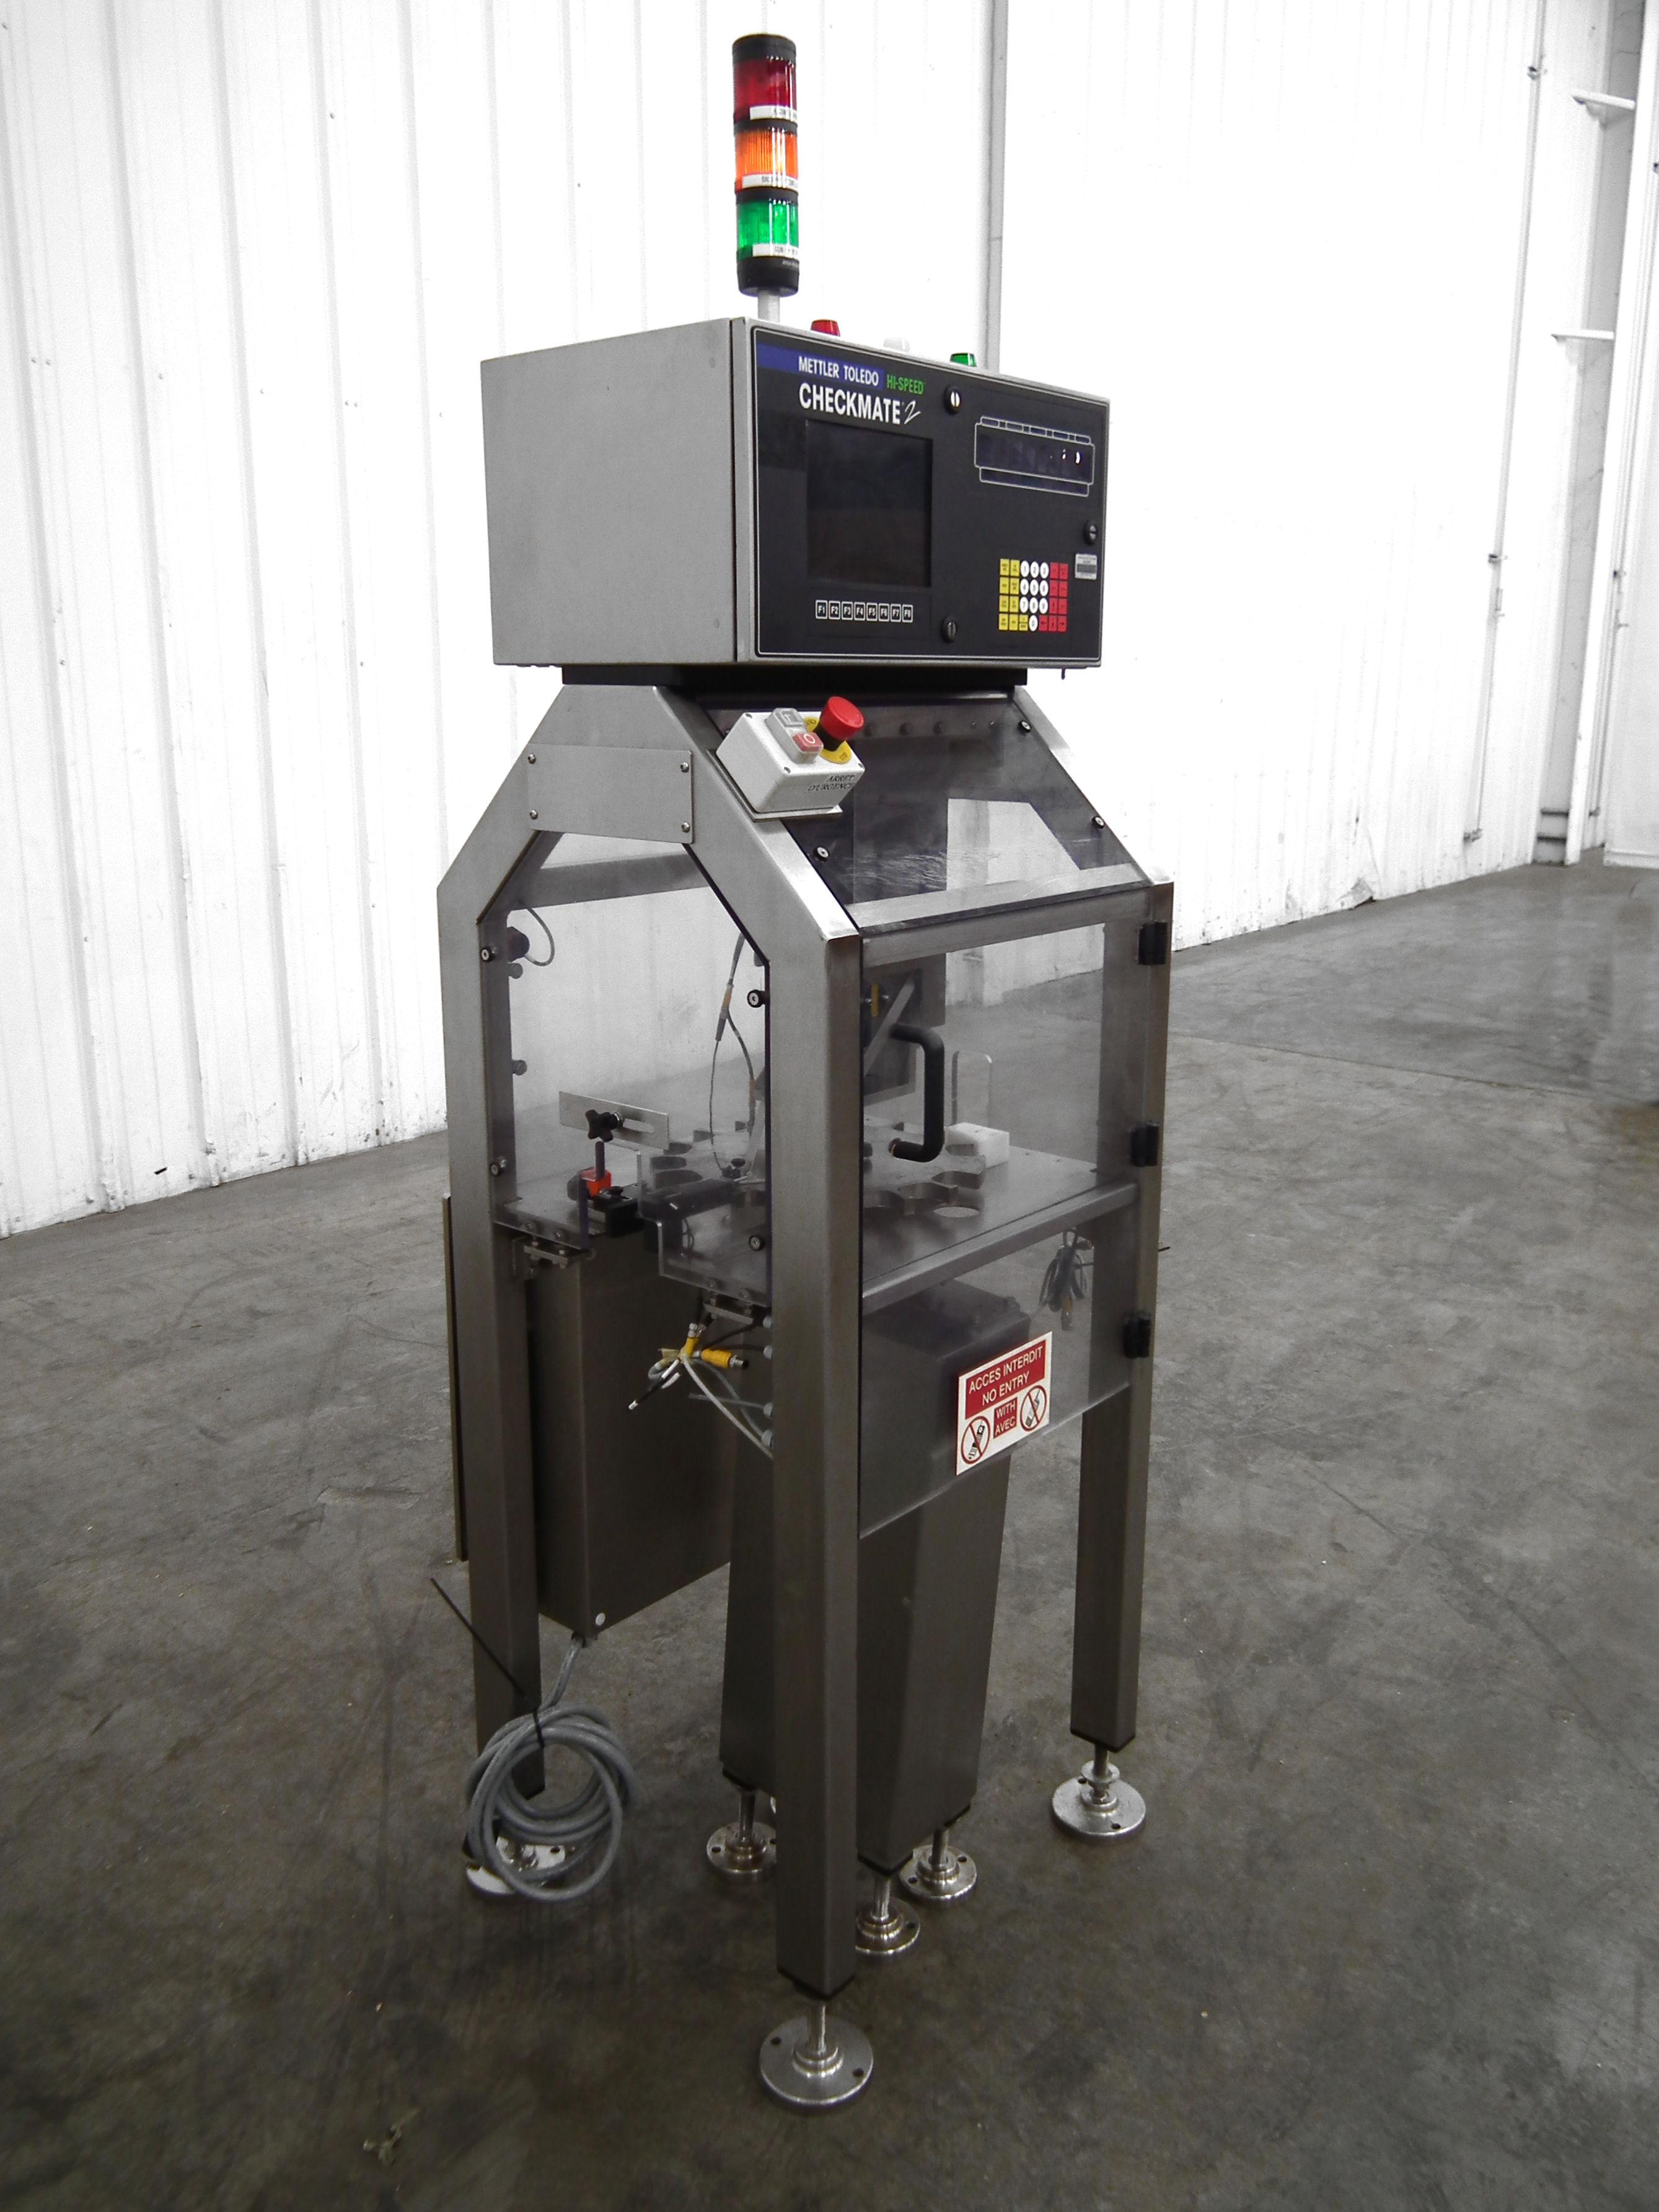 Mettler-Toledo Checkmate 2 Bottle Fill Detector B3171 - Image 3 of 10